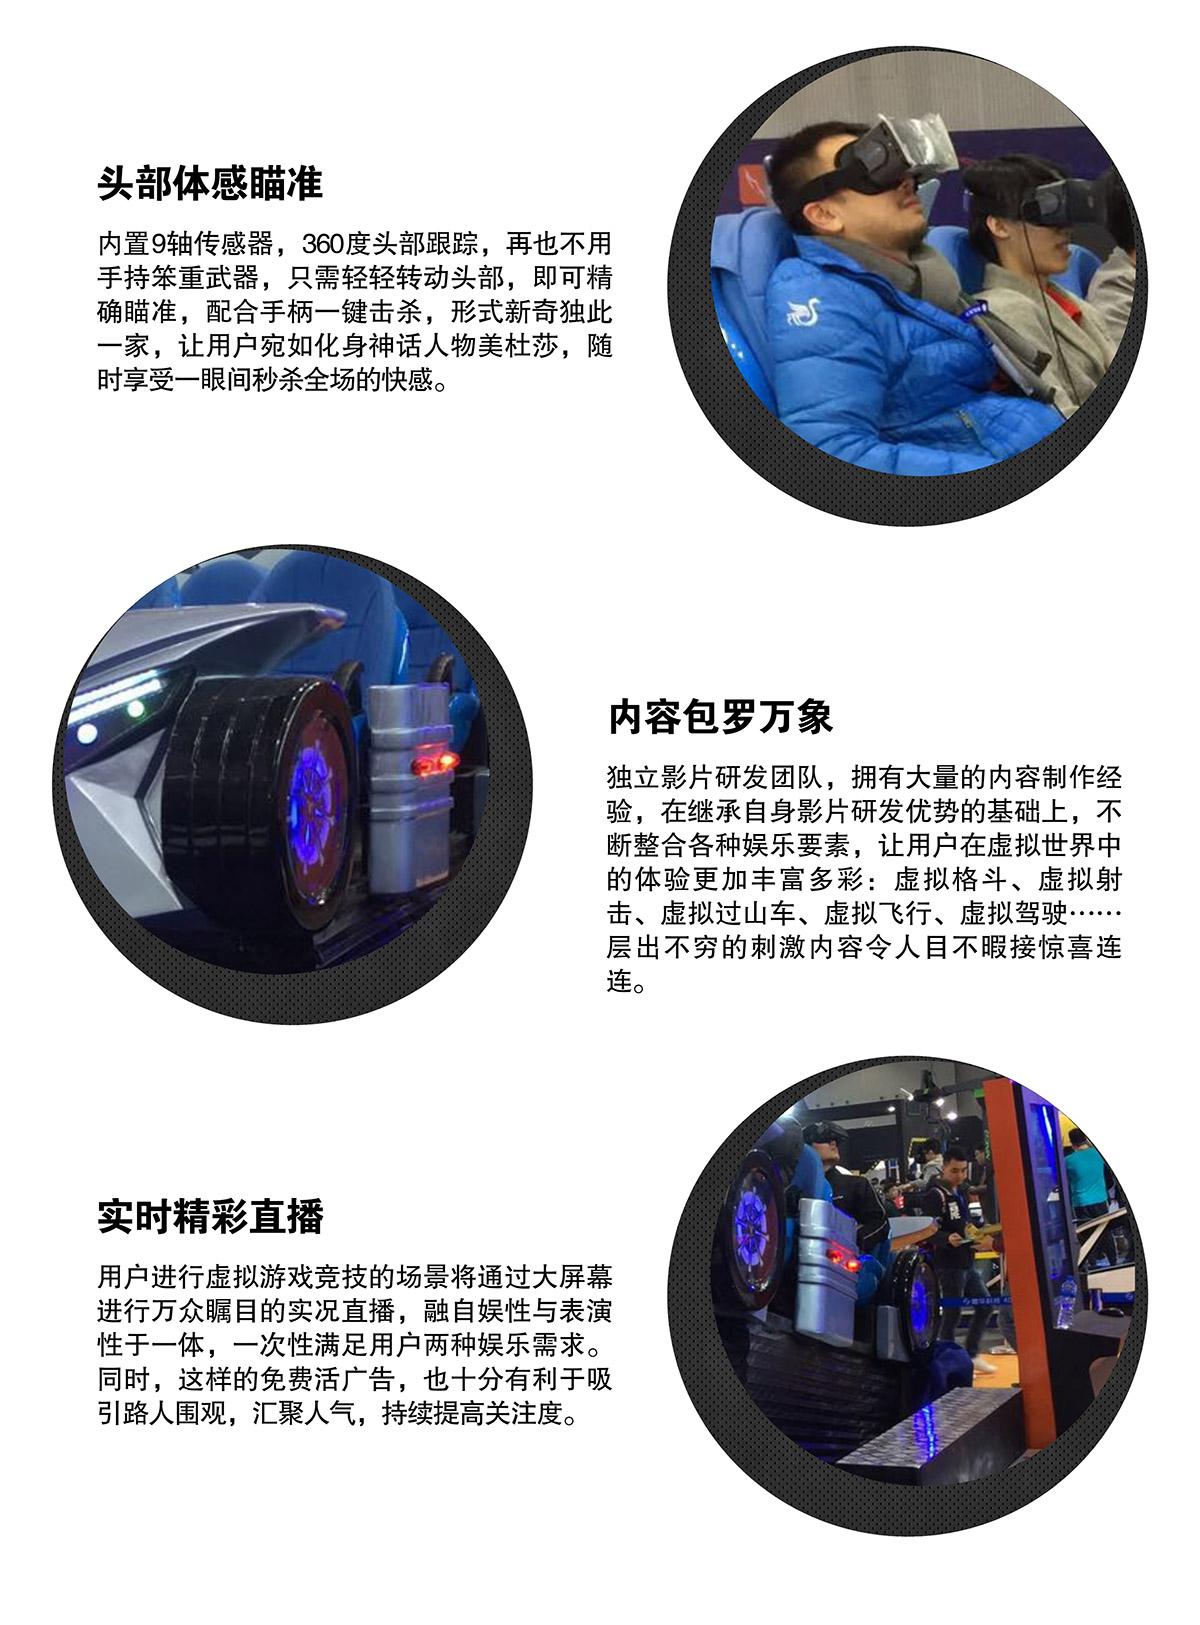 安全体验VR头部体感瞄准内容丰富.jpg